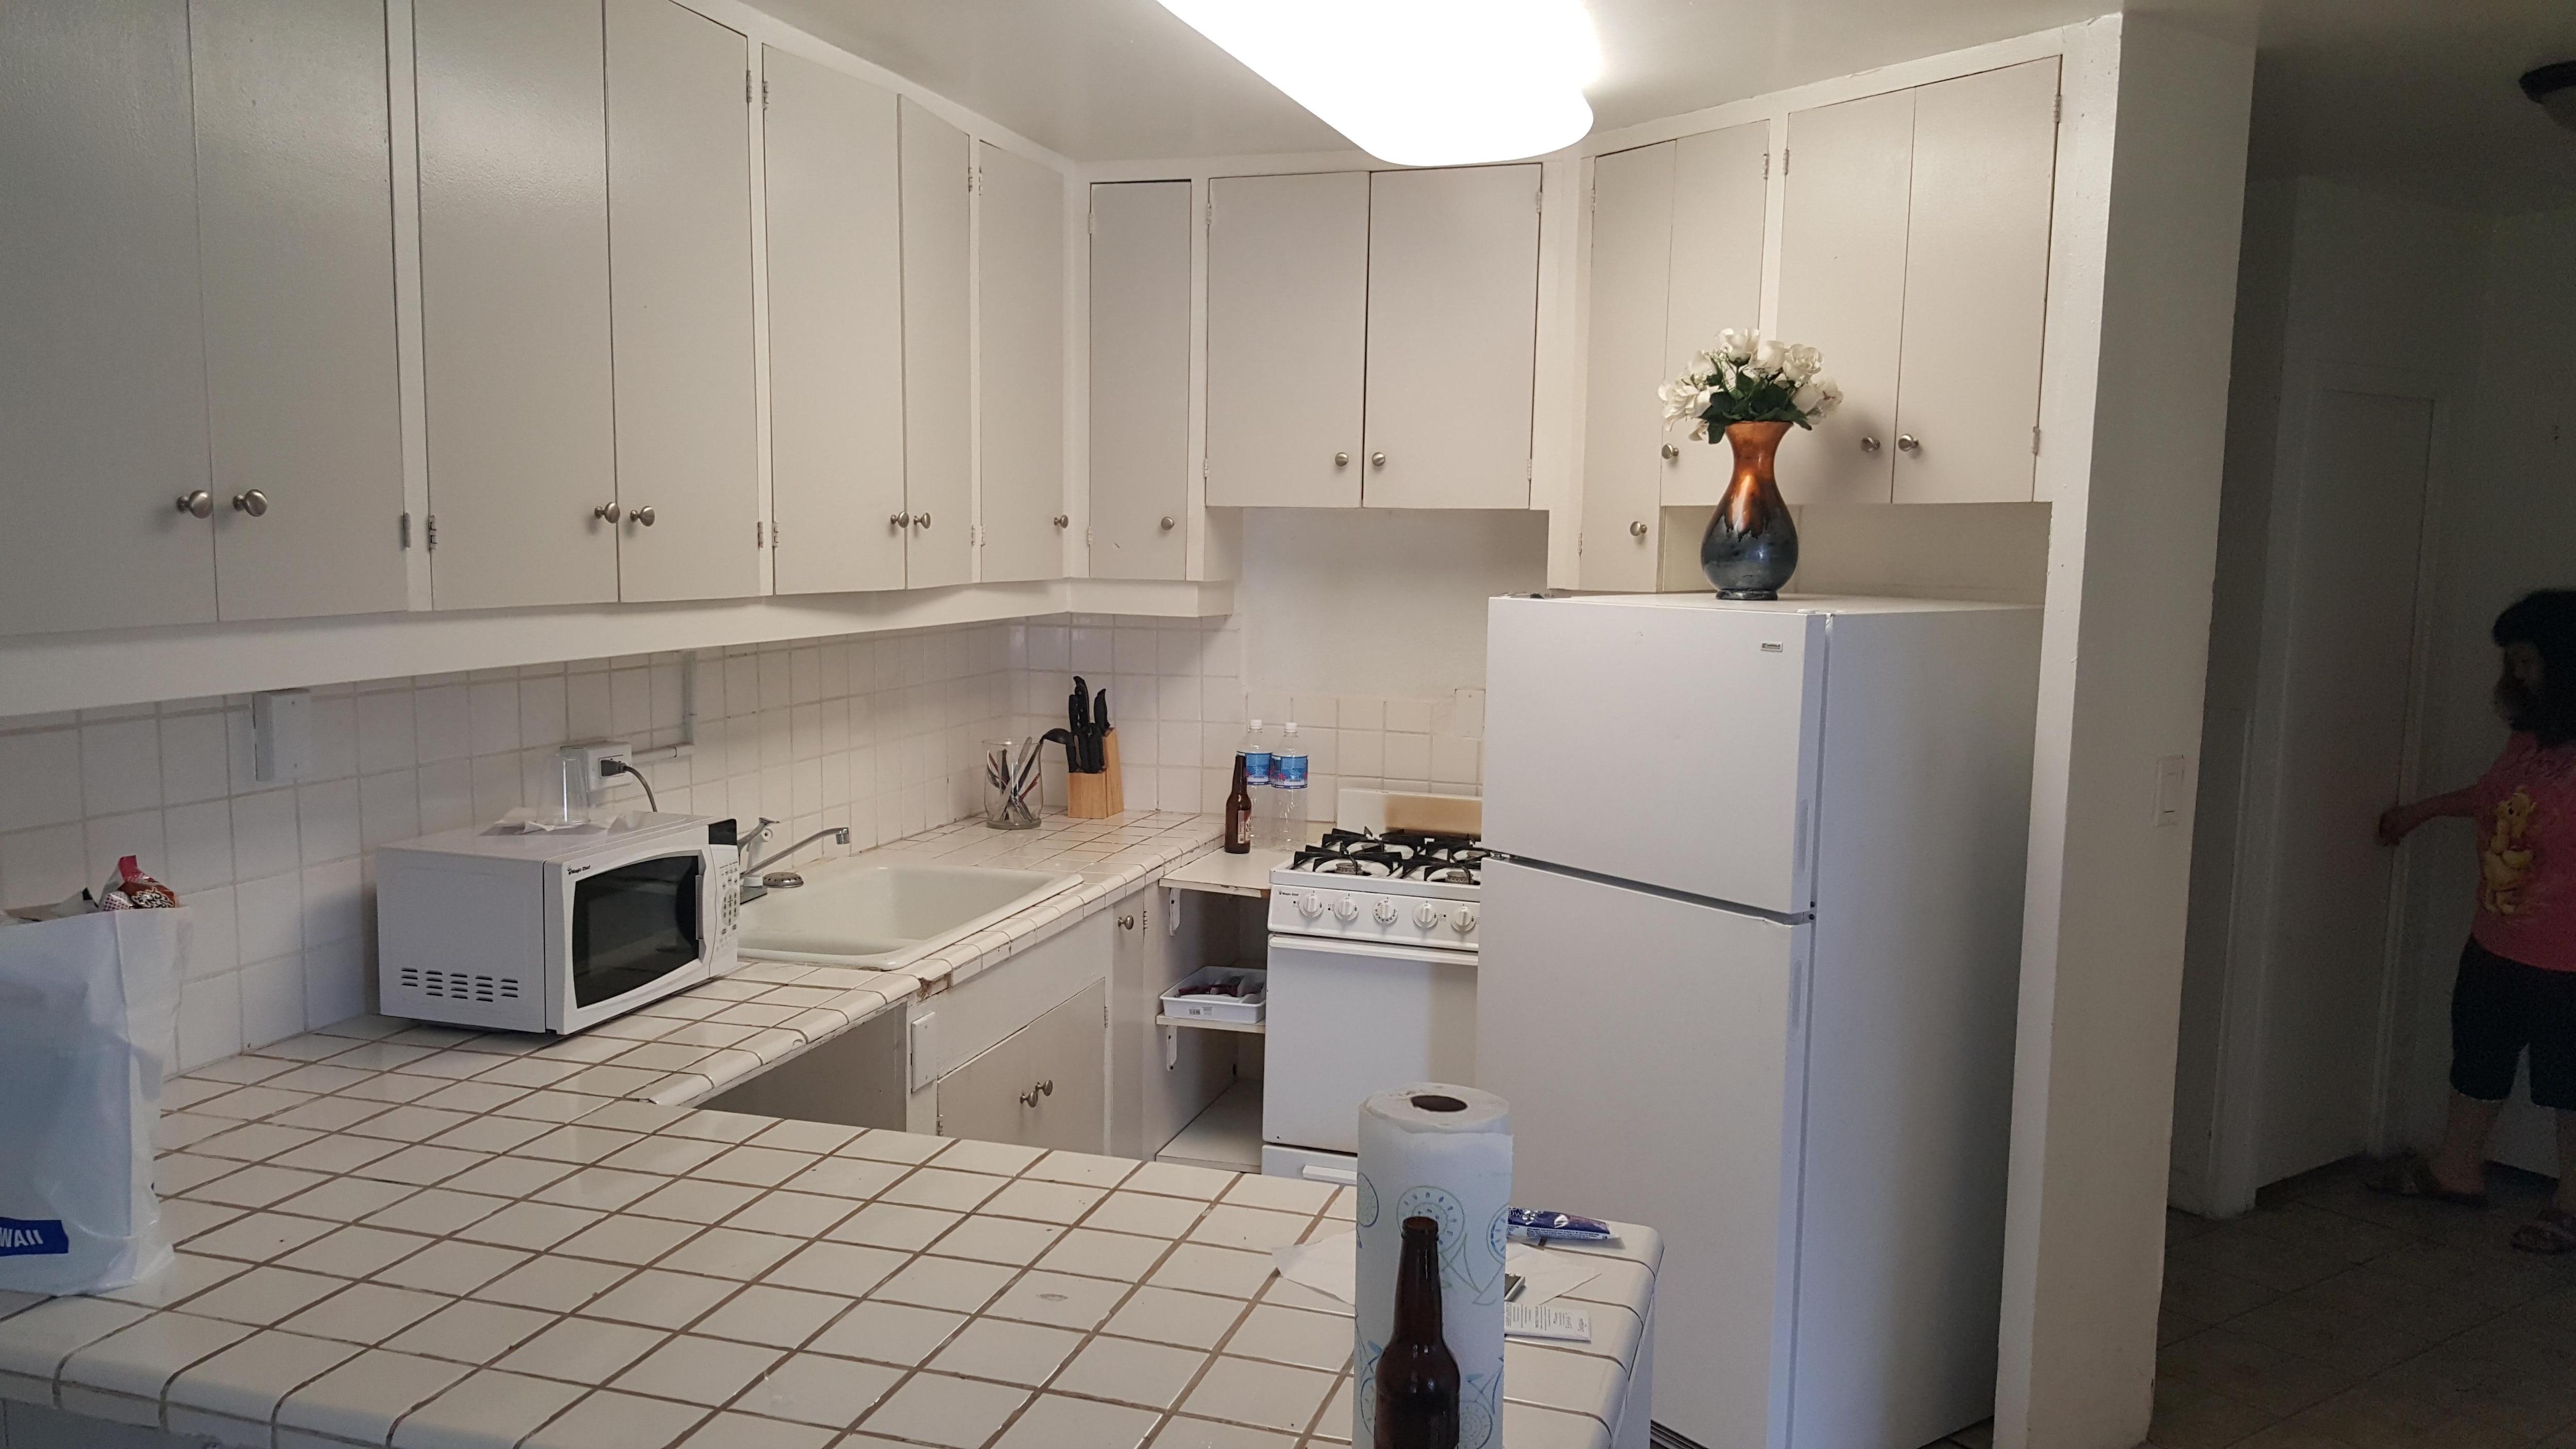 Broken tile. Kitchen needs remodeling.